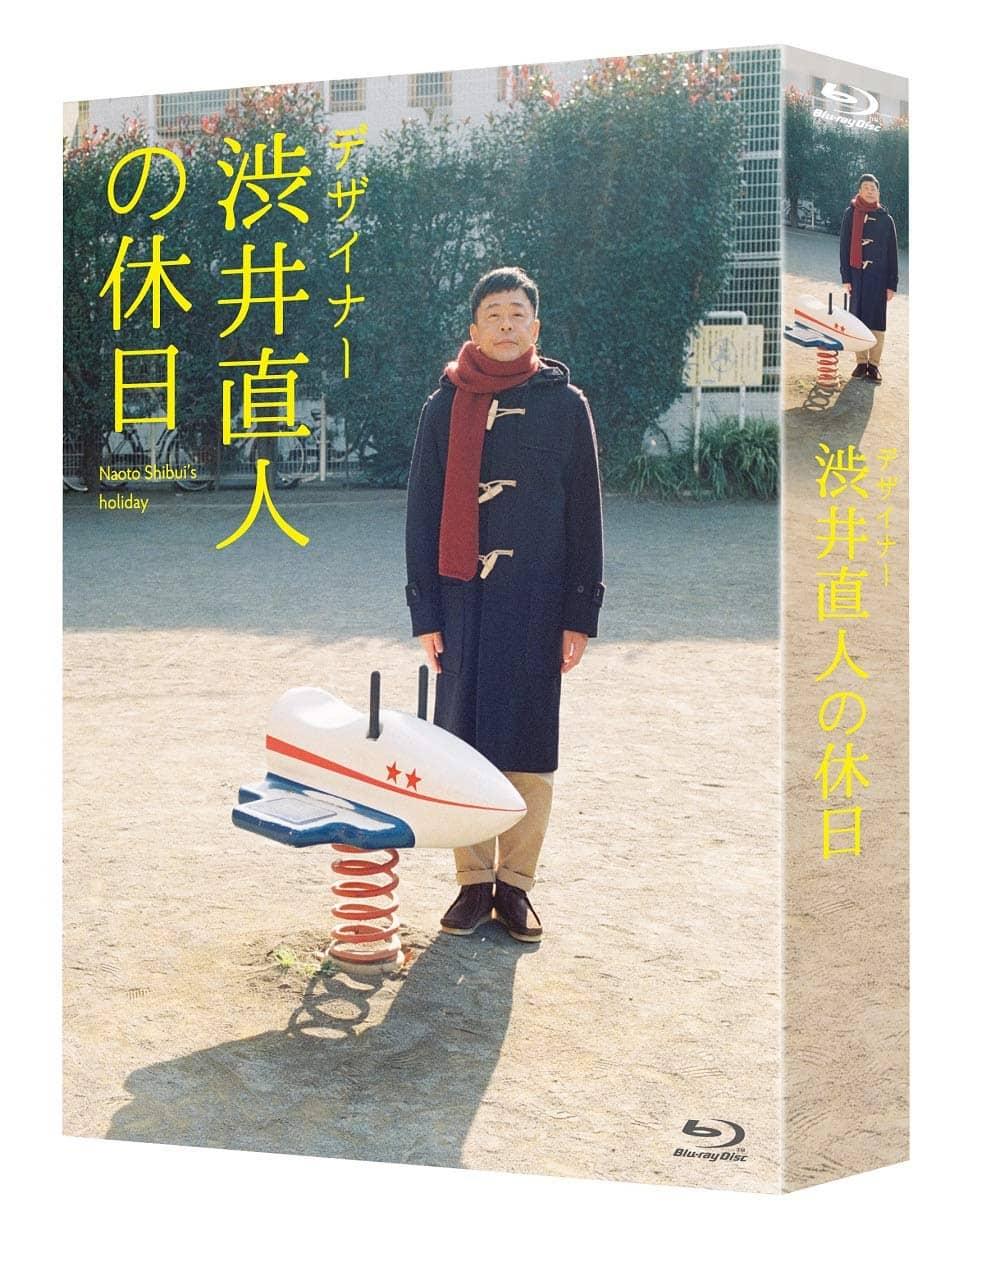 デザイナー 渋井直人の休日 [DVD][Blu-ray]